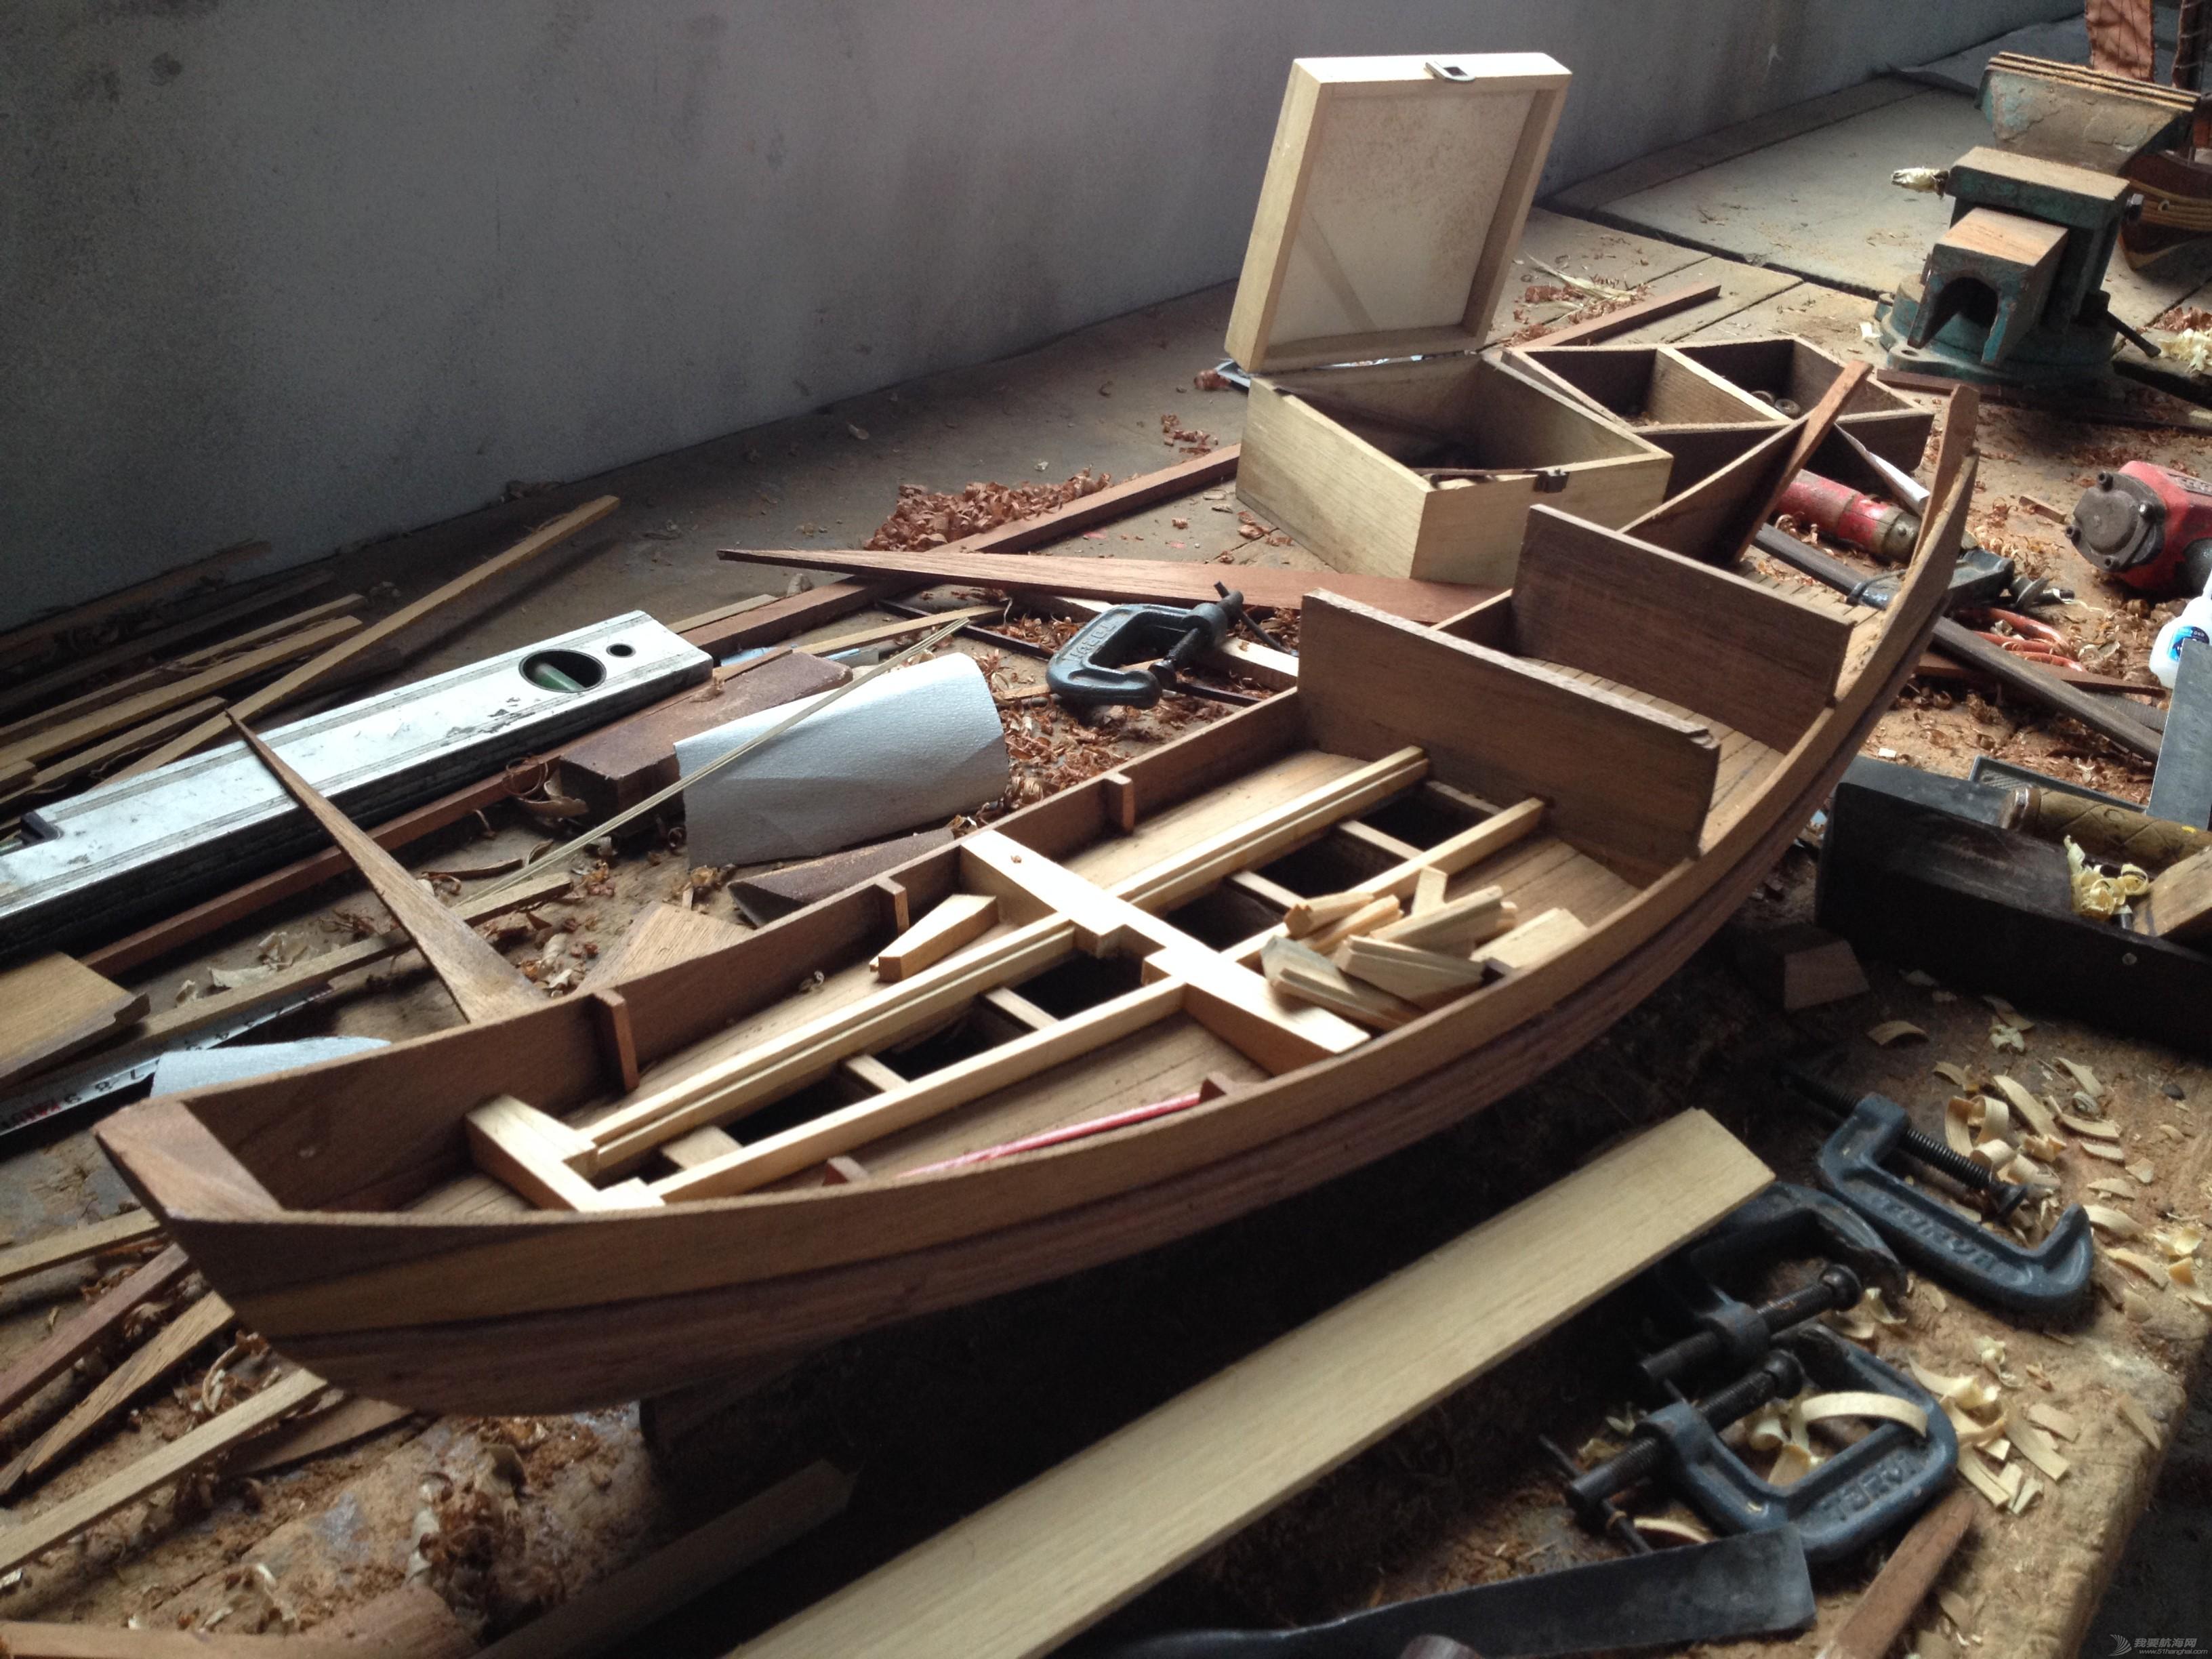 中式风格,交通运输,造船厂,朱家尖,对抗赛 全球首次中式帆船比赛可能会在舟山举行 IMG_7891.JPG